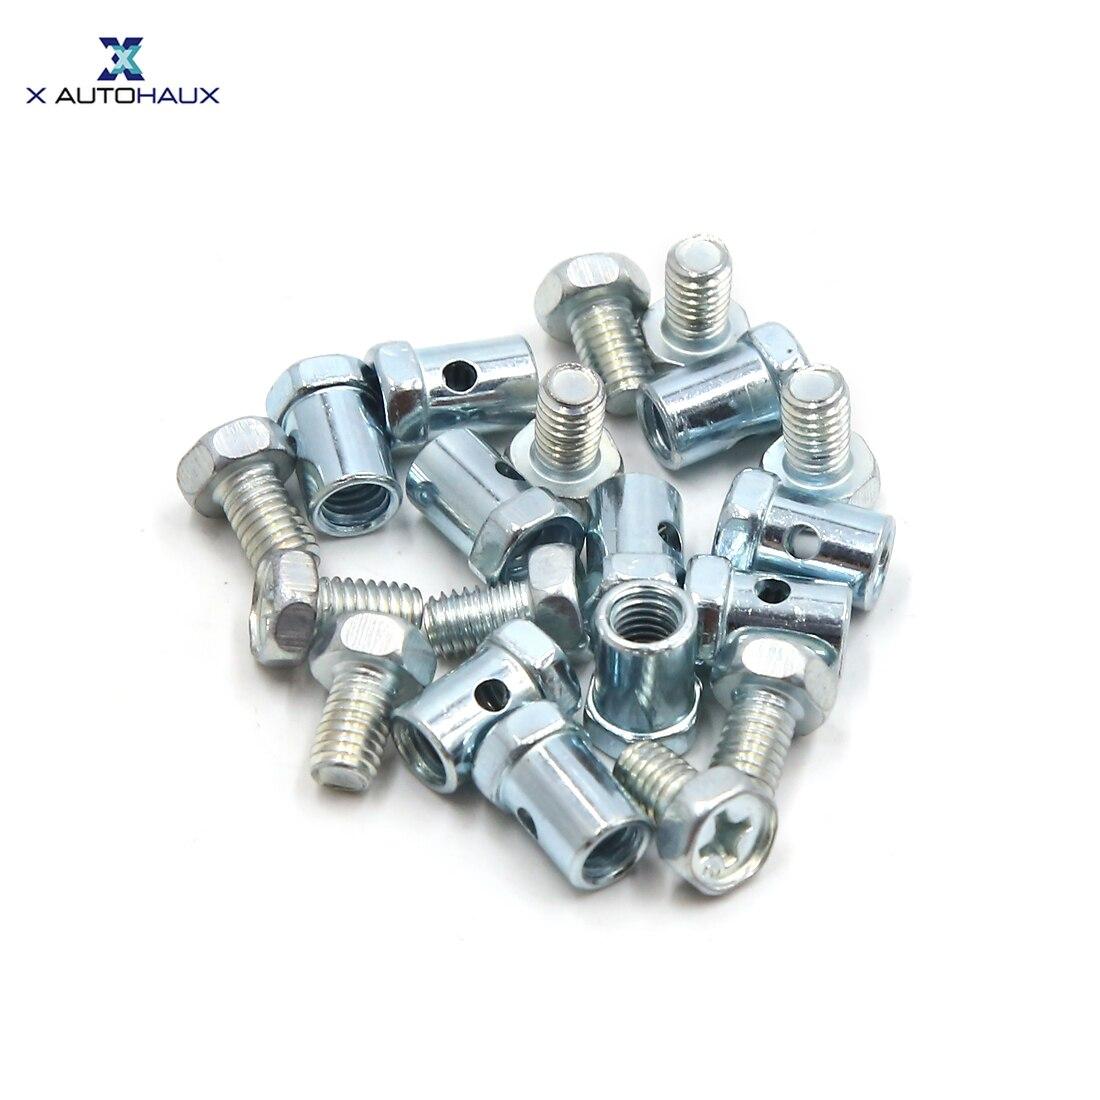 Vis à mamelon argent sans soudure   X Autohaux, fil de frein Dia, fil de frein, pièces 20 pièces 5mm 15x8mm pour moto